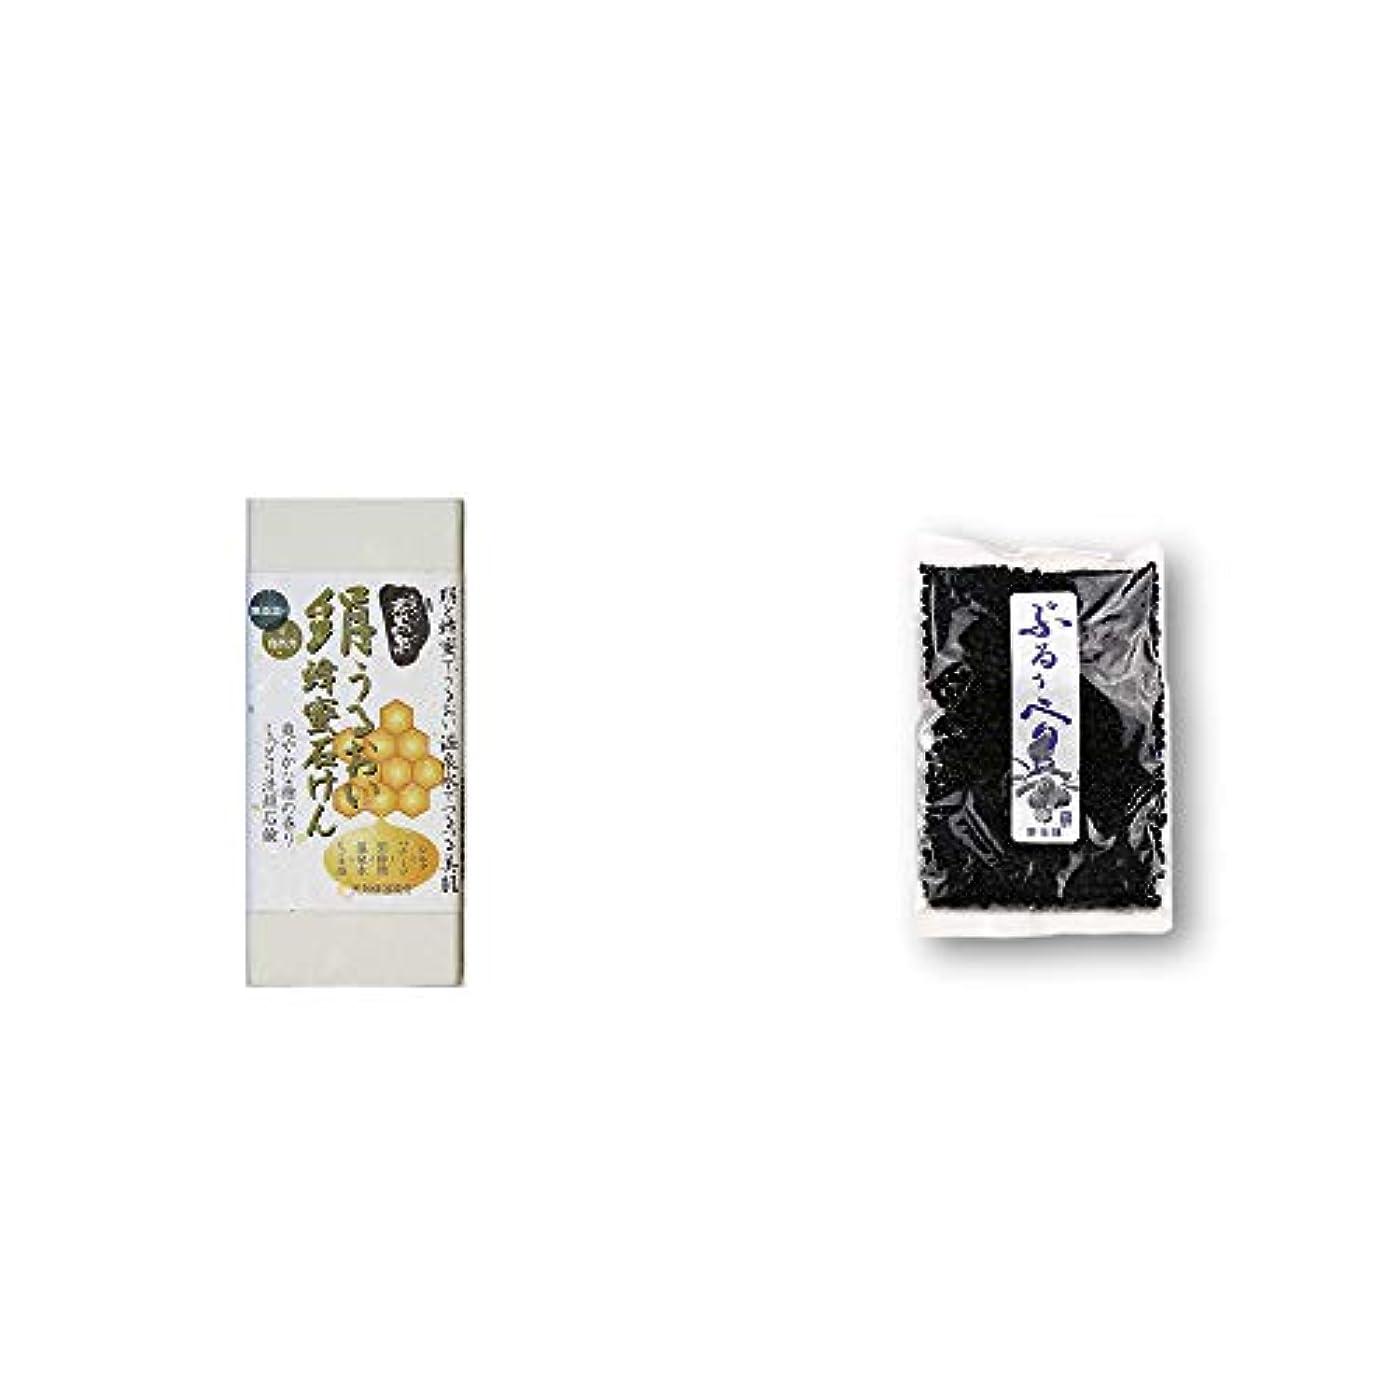 枯渇魚換気する[2点セット] ひのき炭黒泉 絹うるおい蜂蜜石けん(75g×2)?野生種ぶるぅべりぃ(260g)